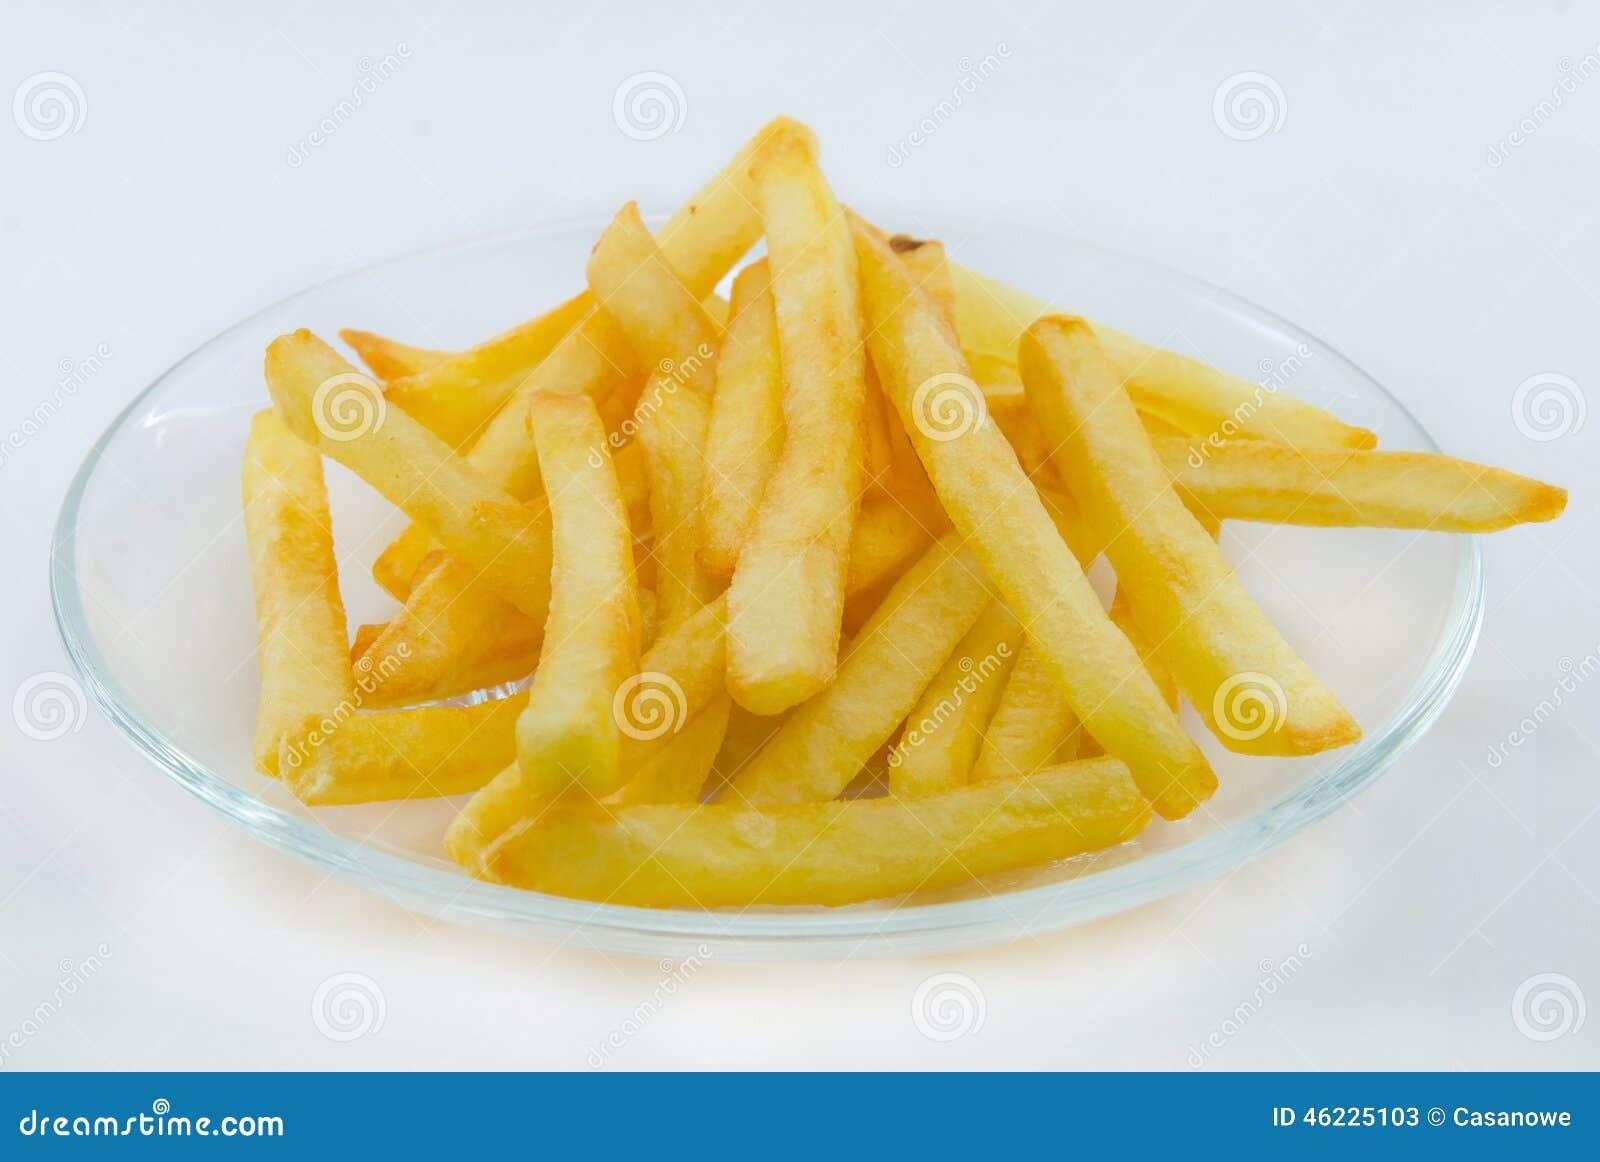 τηγανιτές πατάτες στο πιάτο σε ένα άσπρο υπόβαθρο